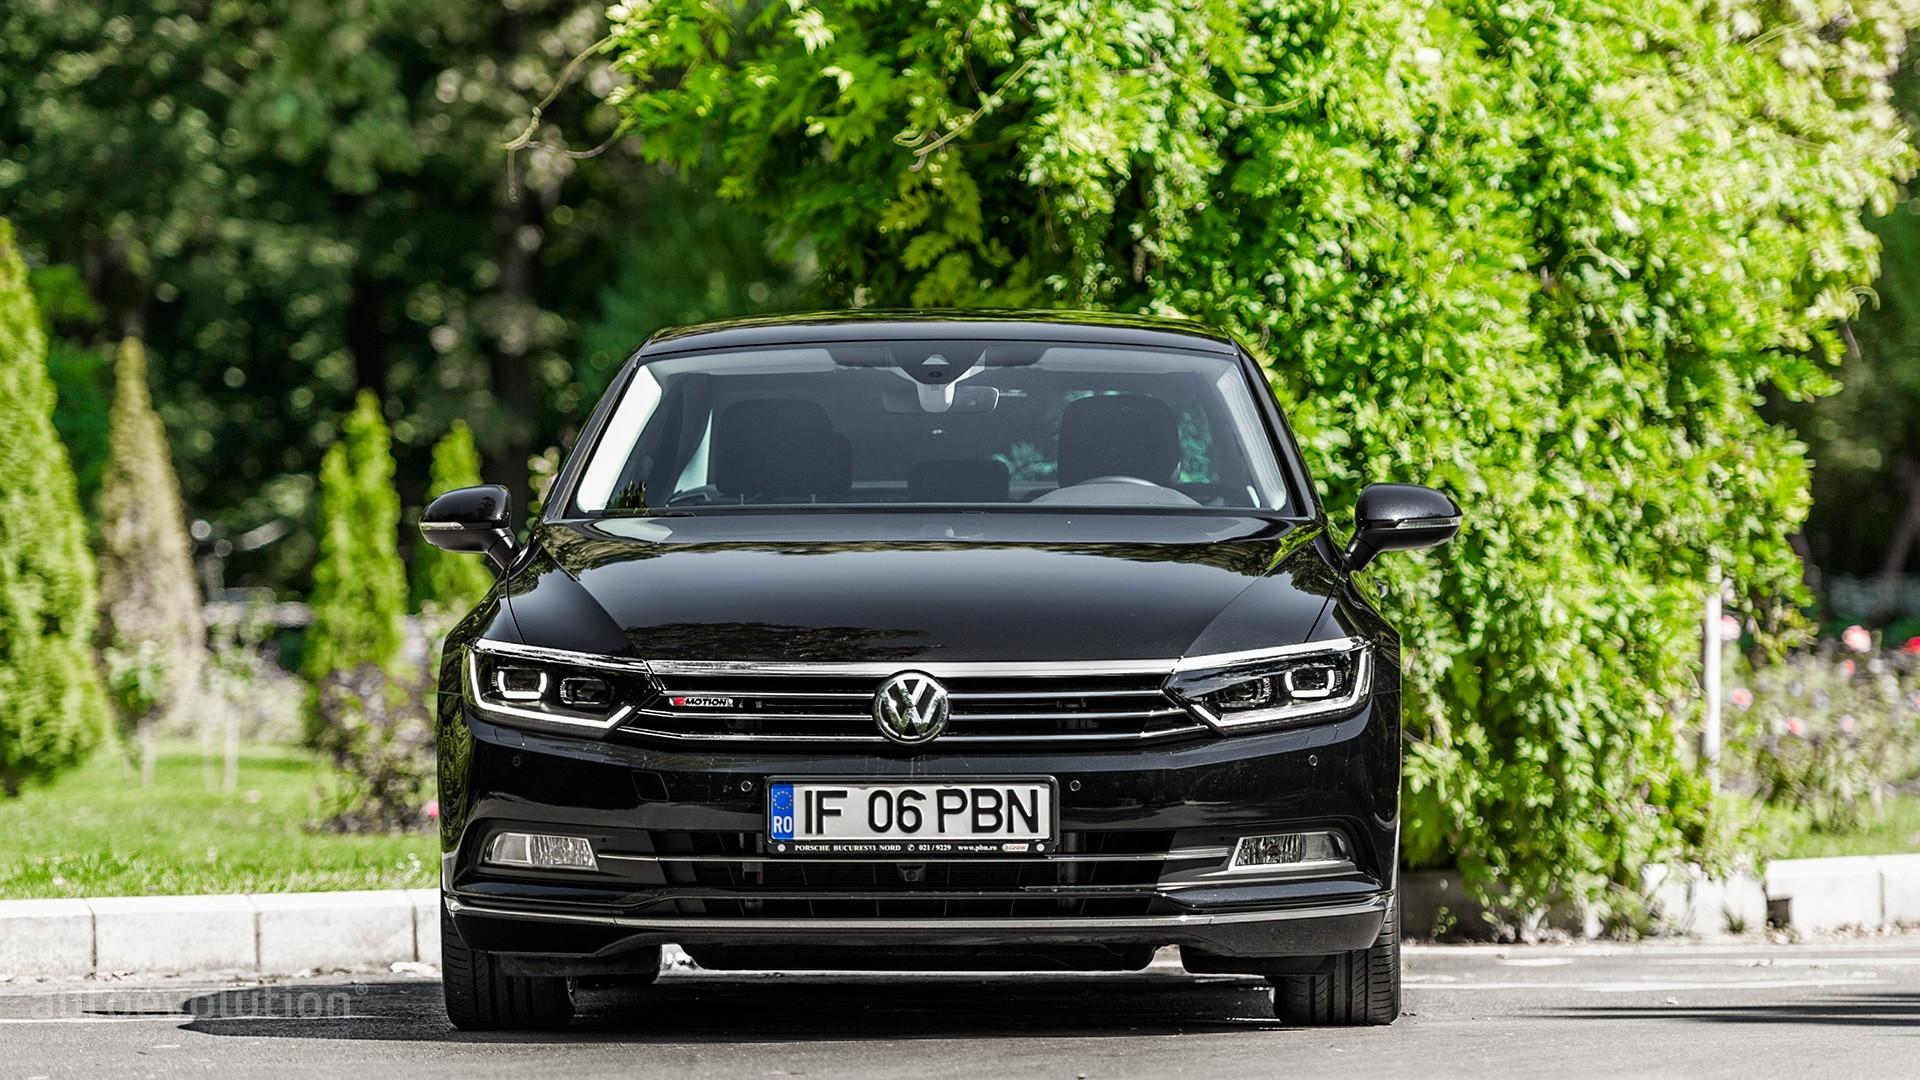 volkswagen passat facelift coming in 2018 with arteon. Black Bedroom Furniture Sets. Home Design Ideas